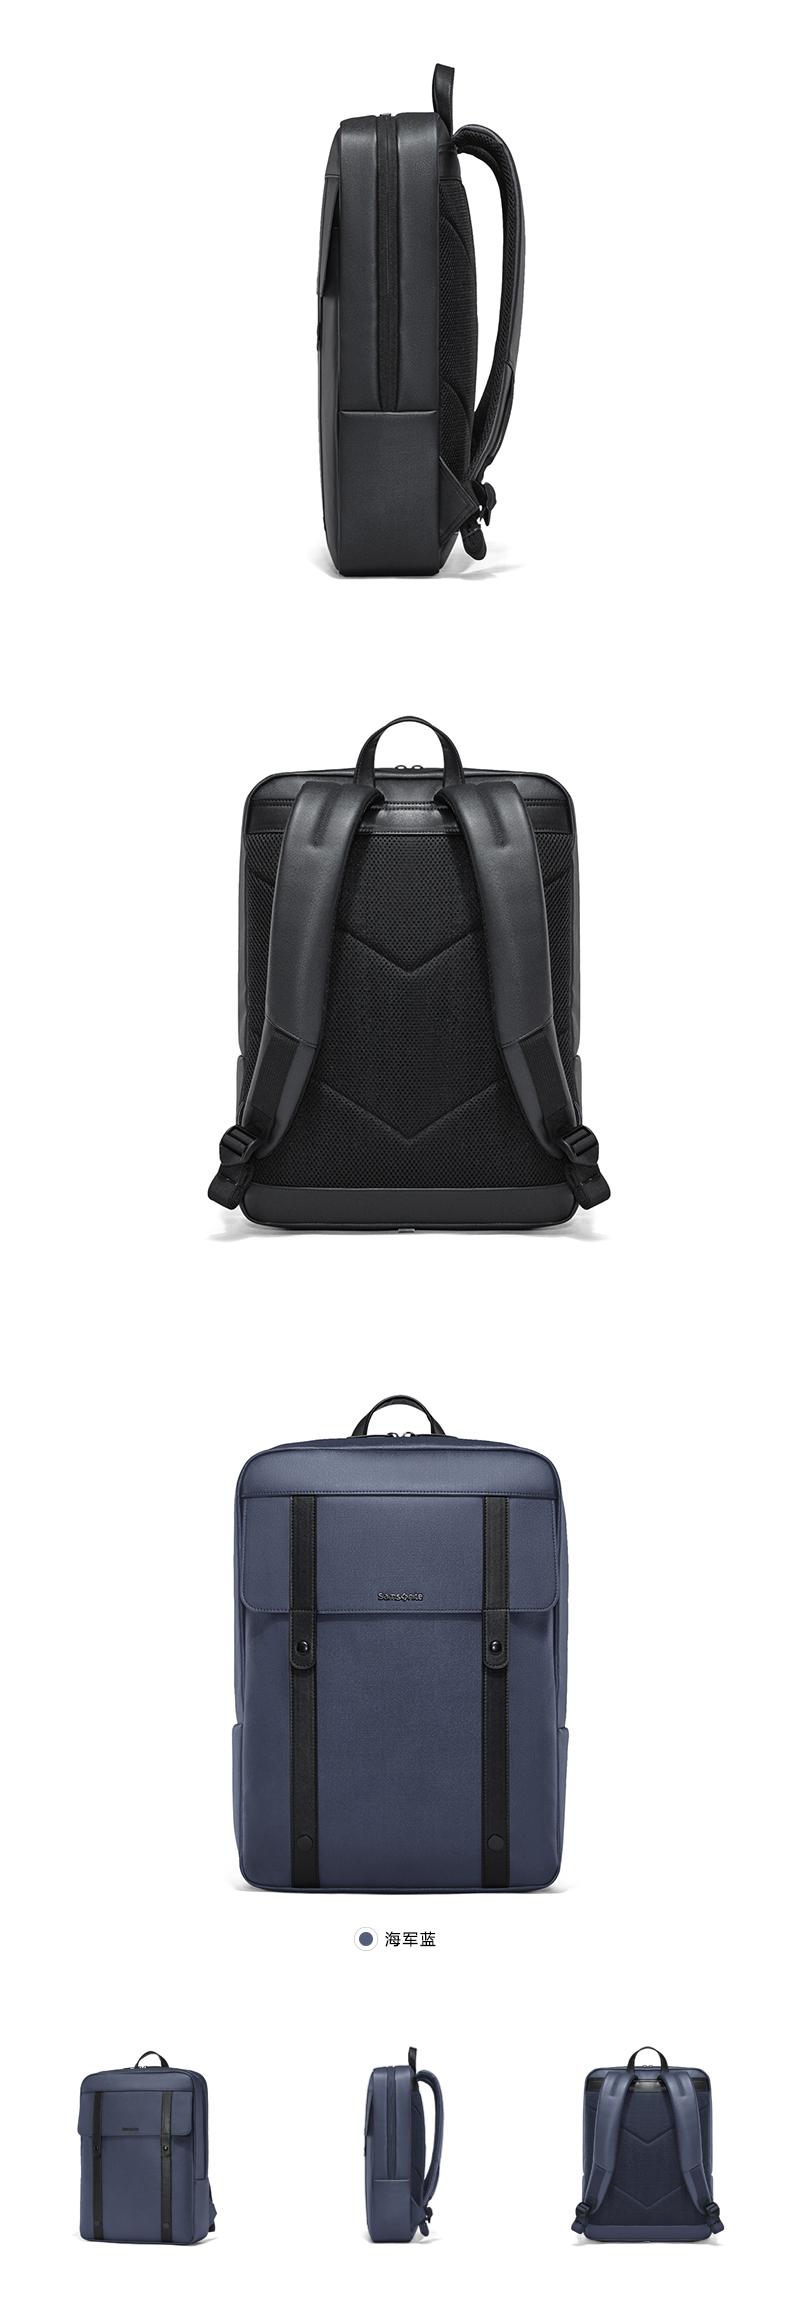 新秀丽 TQ5 新款双肩包 商务休闲大容量电脑包 图6